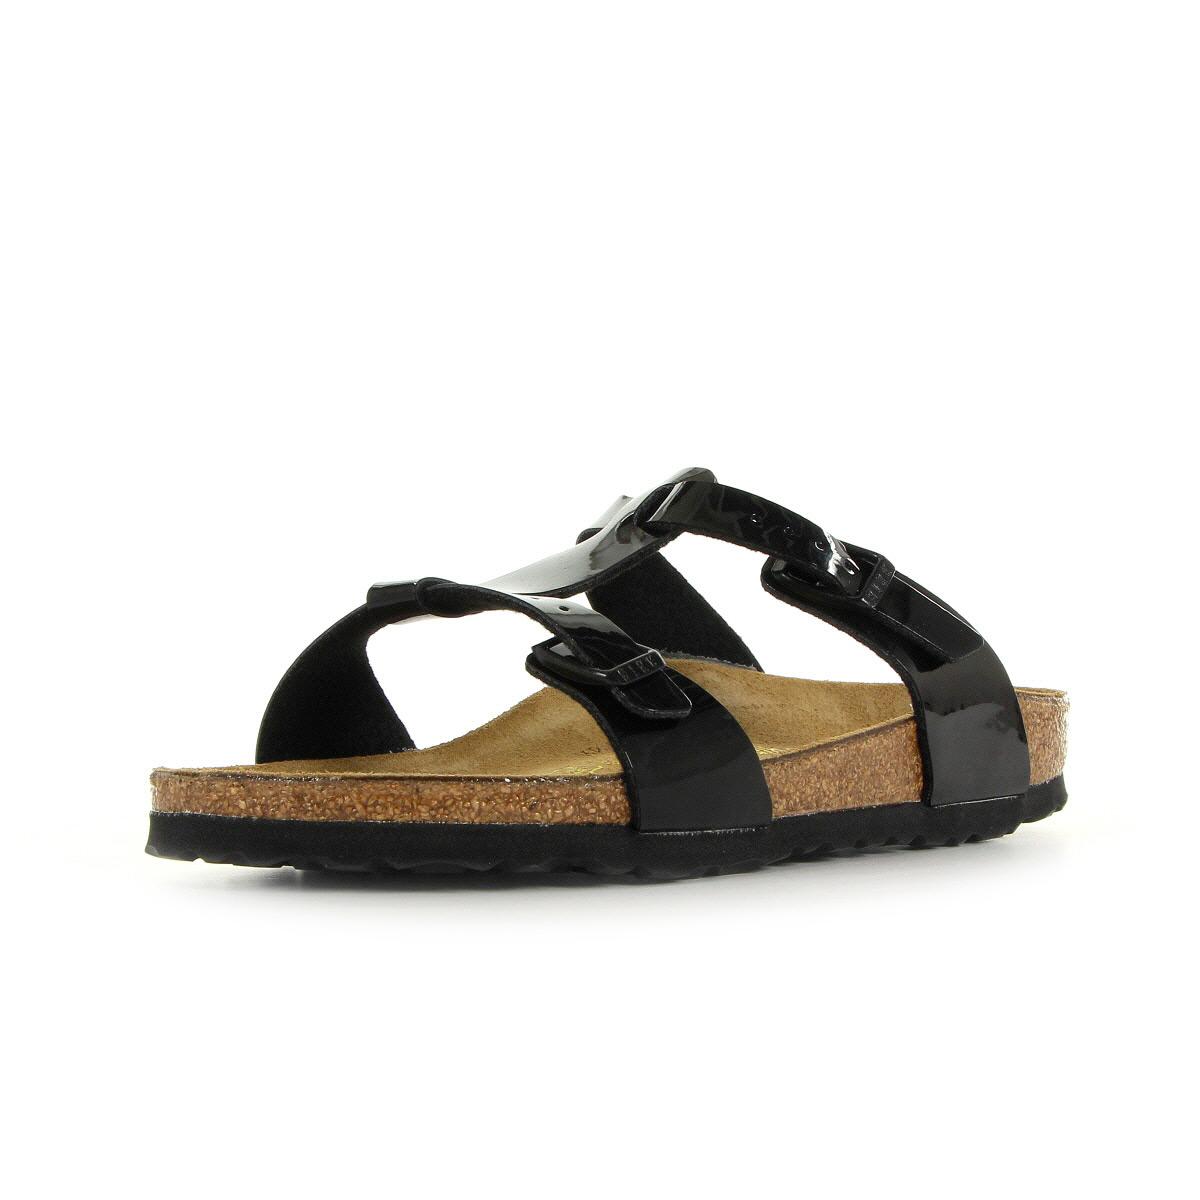 sandales nu pieds birkenstock femme larisa taille noir. Black Bedroom Furniture Sets. Home Design Ideas